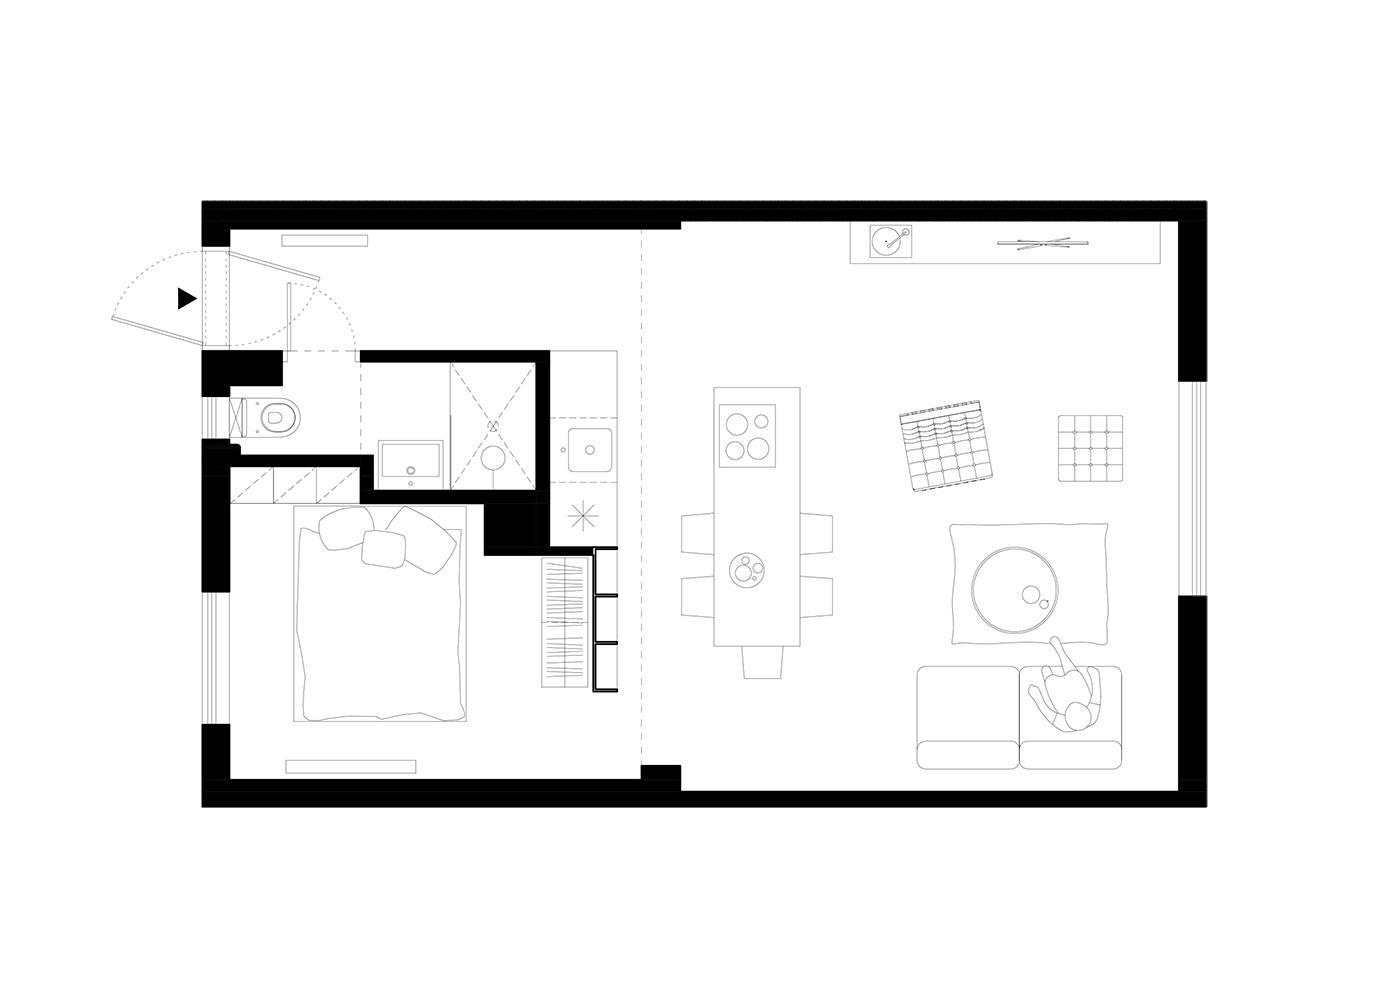 noiz-architekti-byt-unitas-bratislava-05